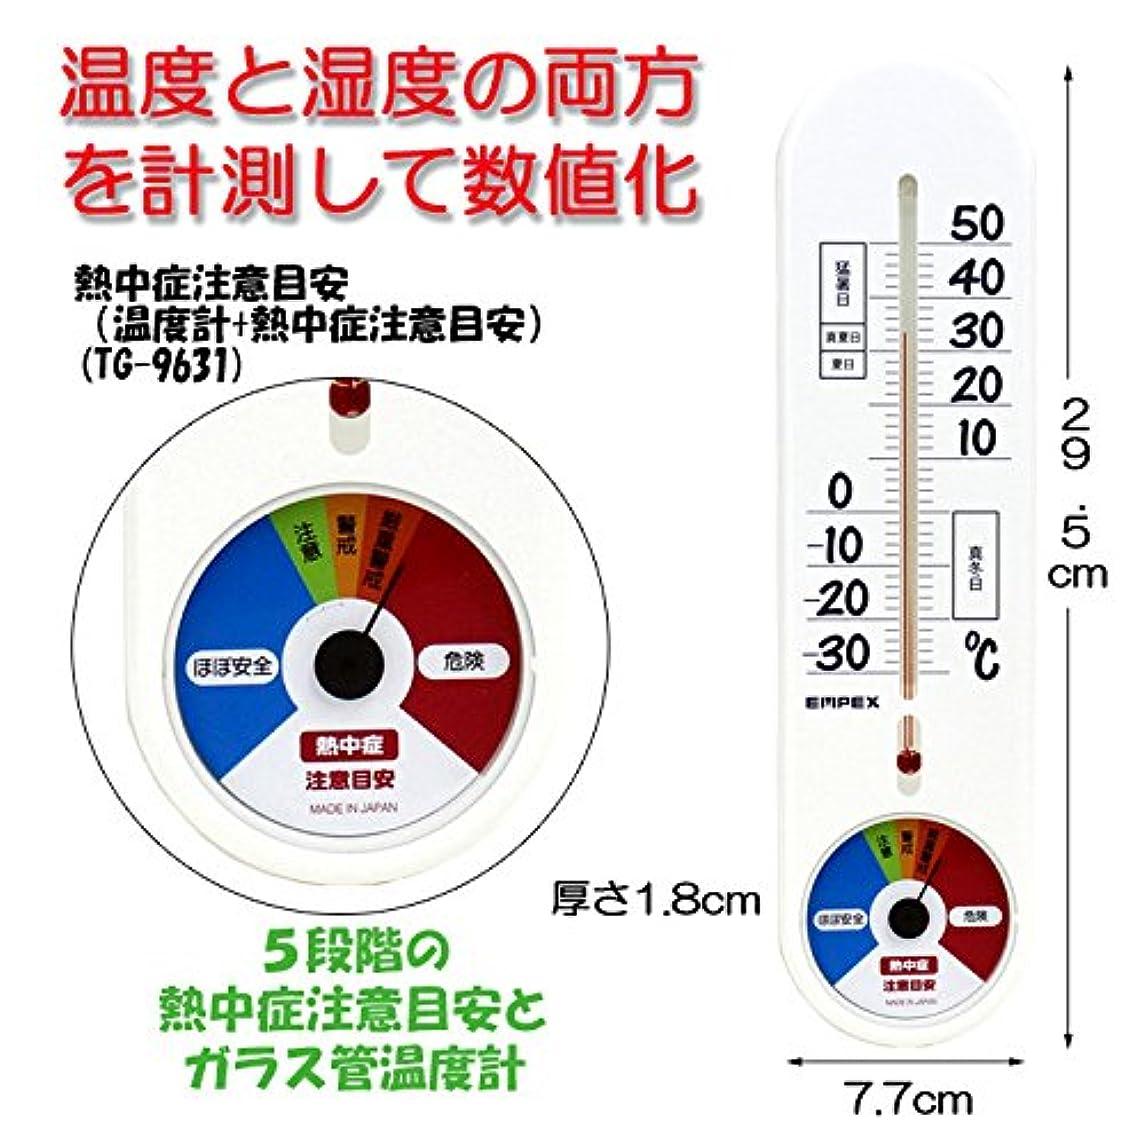 まとめる手悪行熱中症注意目安(温度計+熱中症注意目安) TG-9631 エンペックス気象計 高齢者 便利 コンパクト 介護 補助